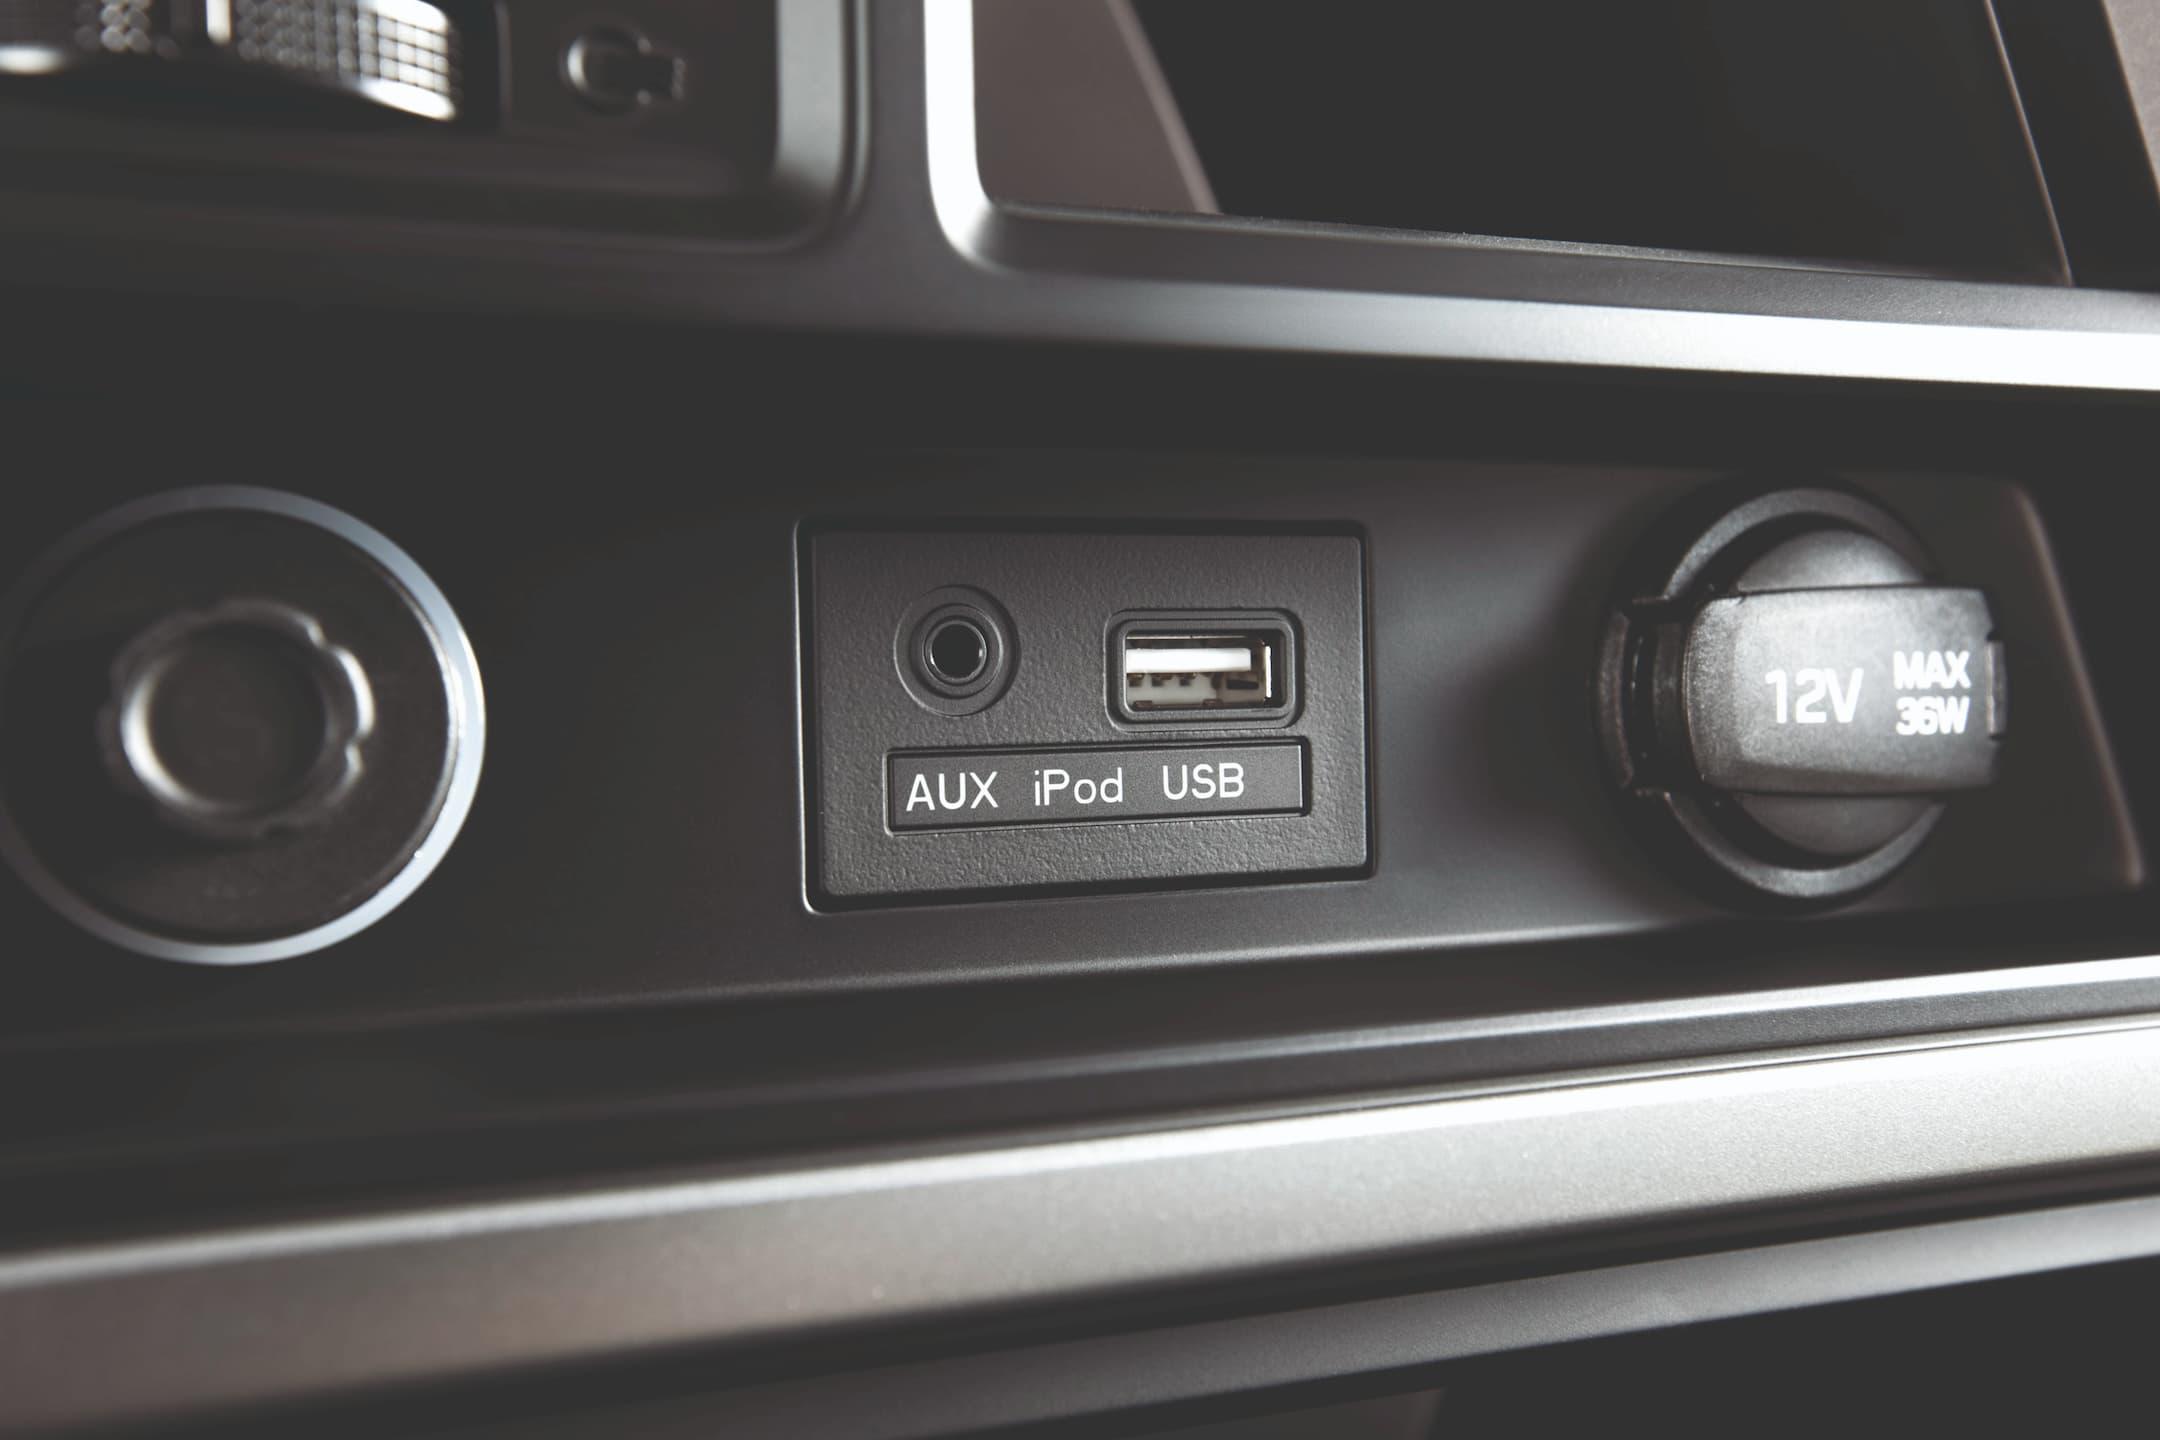 Hệ thống giải trí cổng 3.5 mm và USB